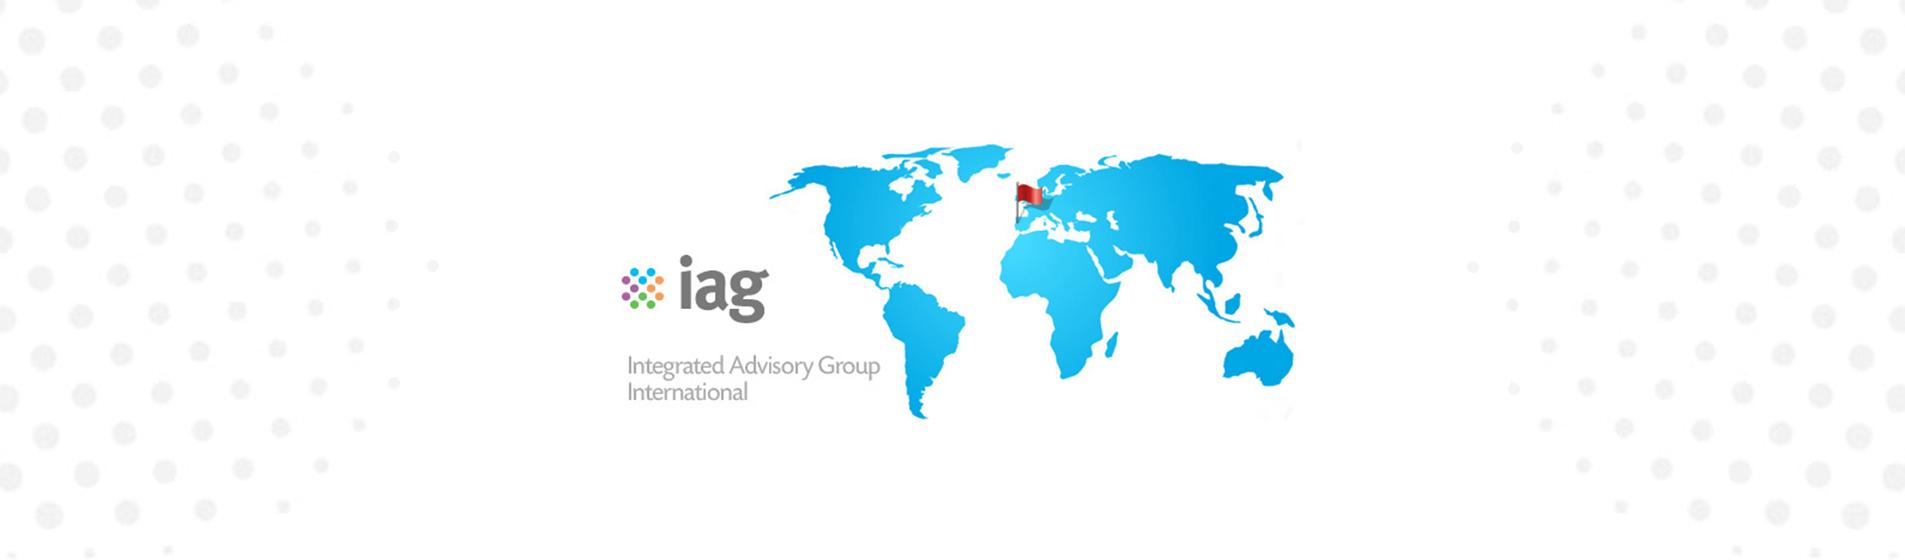 iag_portugal